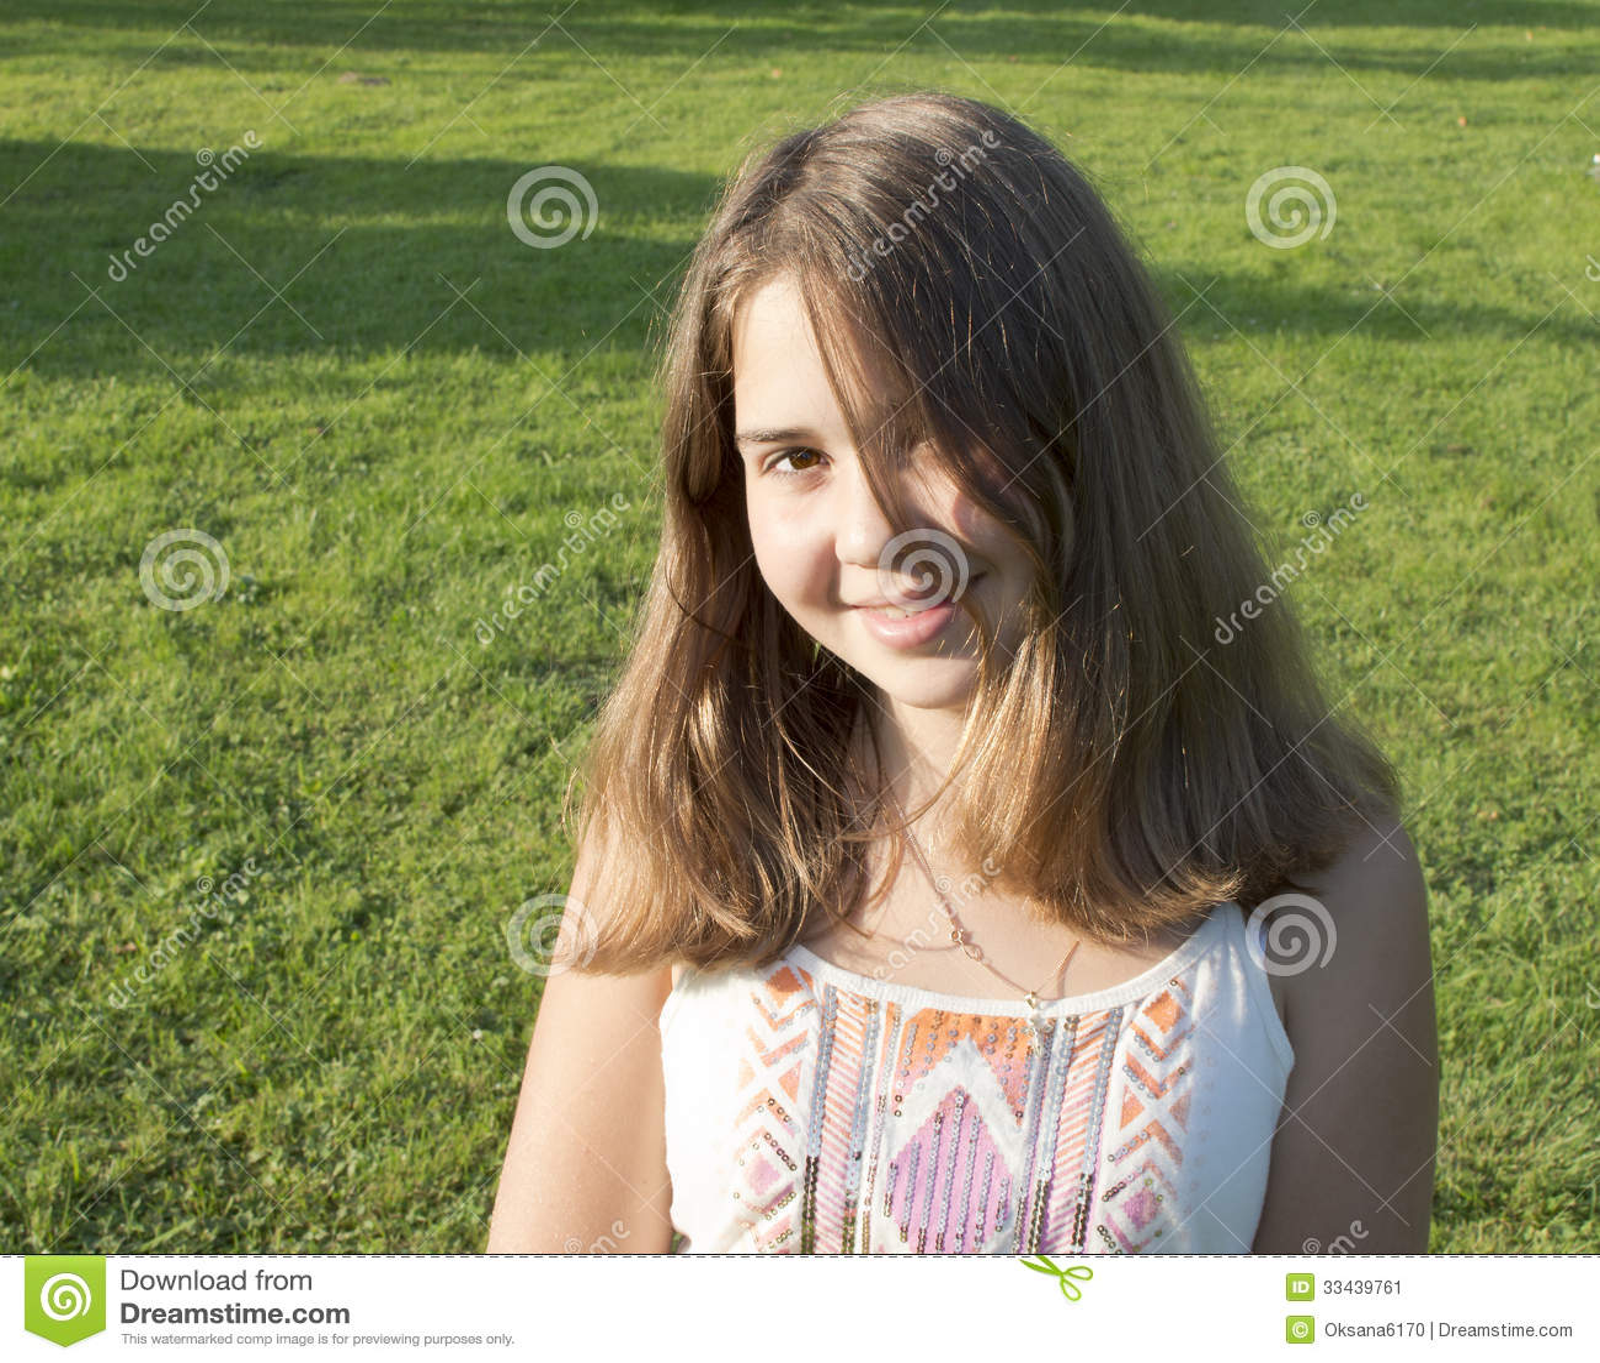 Photo de fille de 30 ans